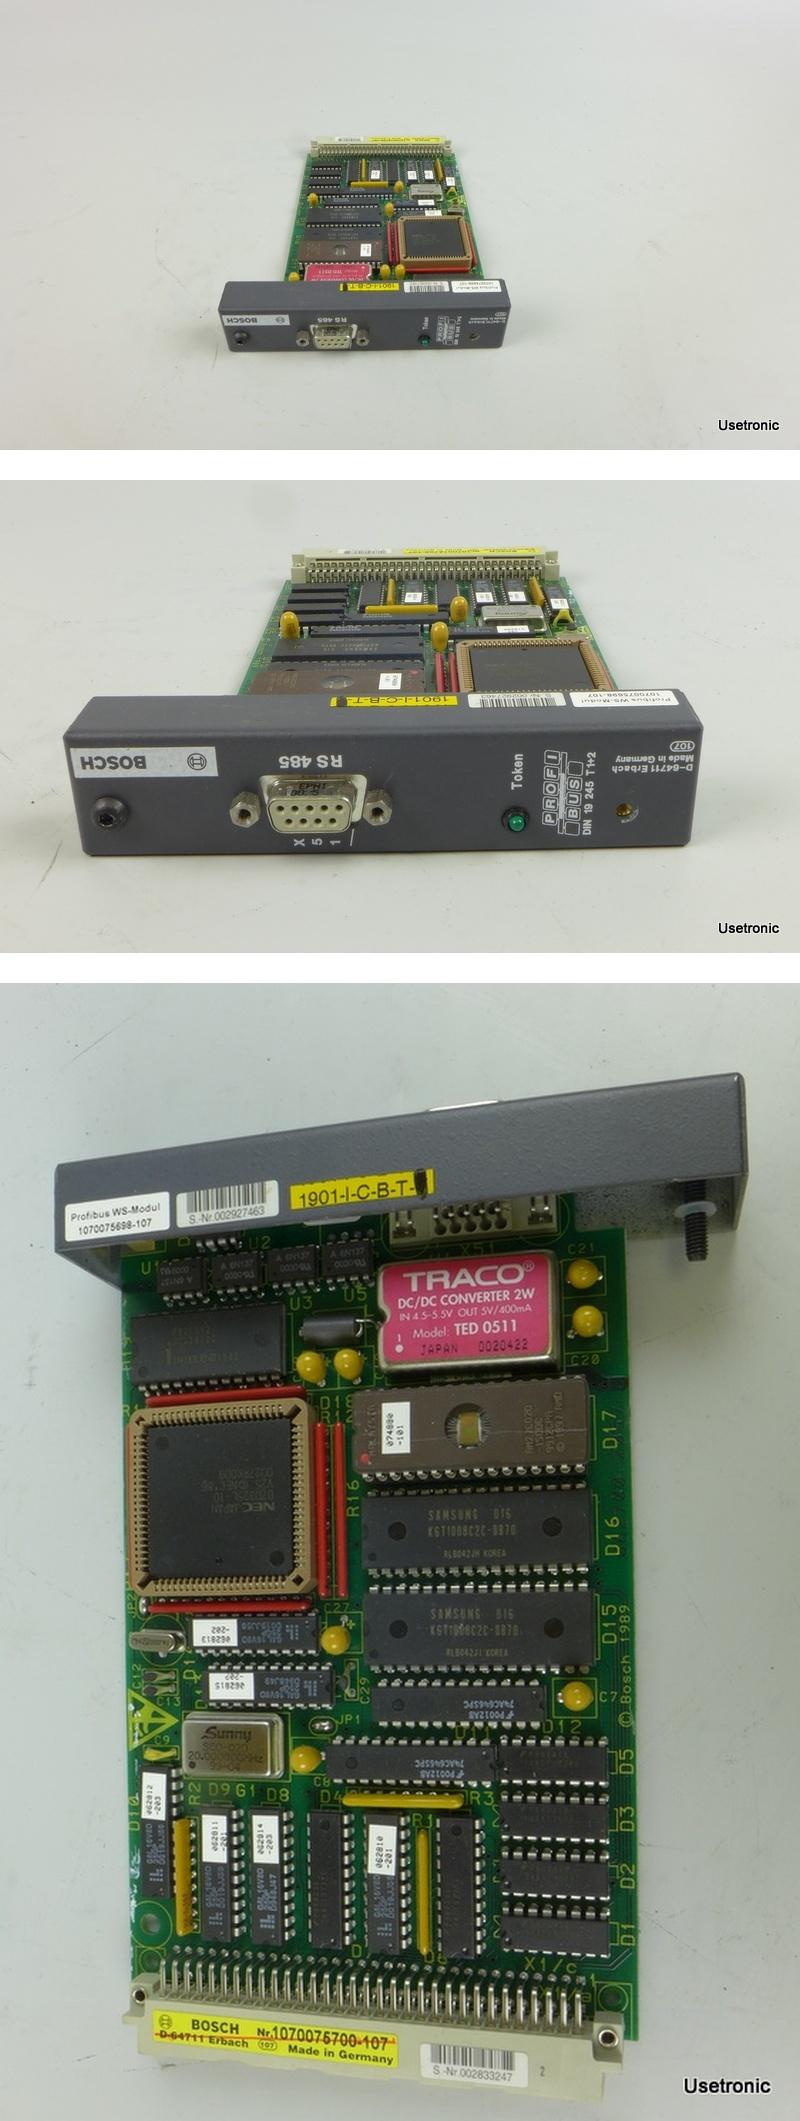 Bosch 1070075689-107